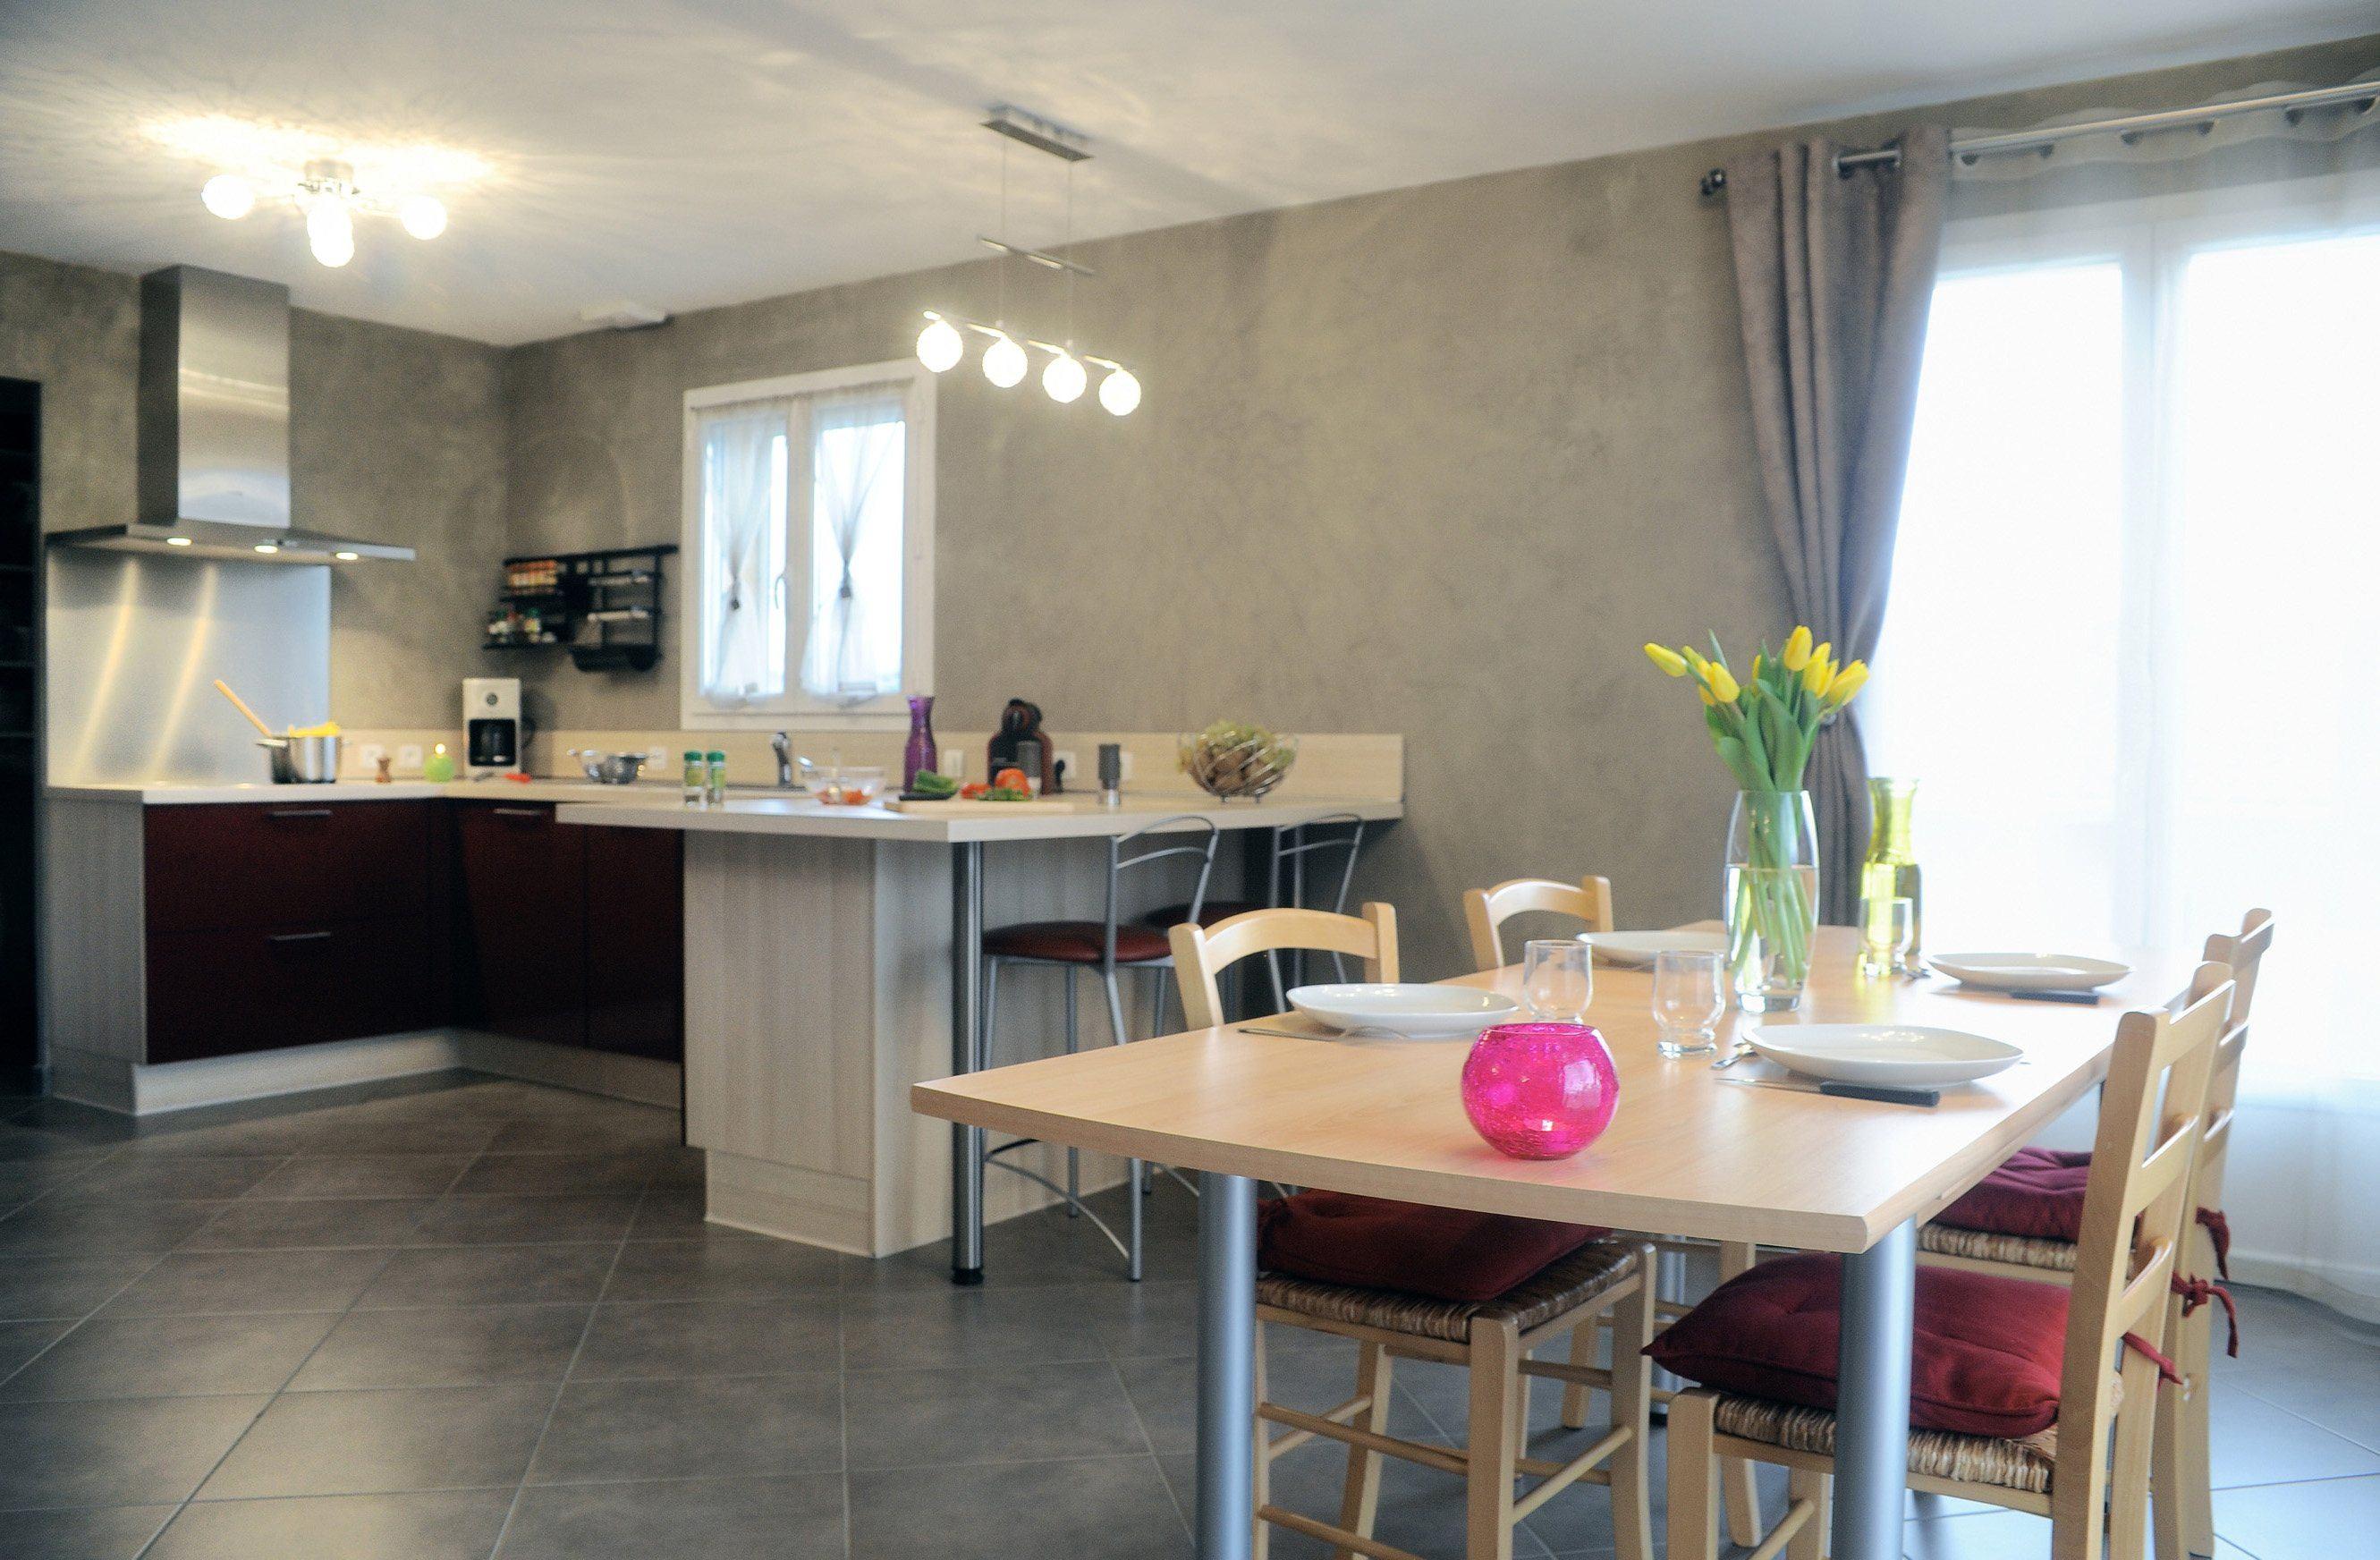 Maisons + Terrains du constructeur MAISON FAMILIALE • 130 m² • CERCOTTES